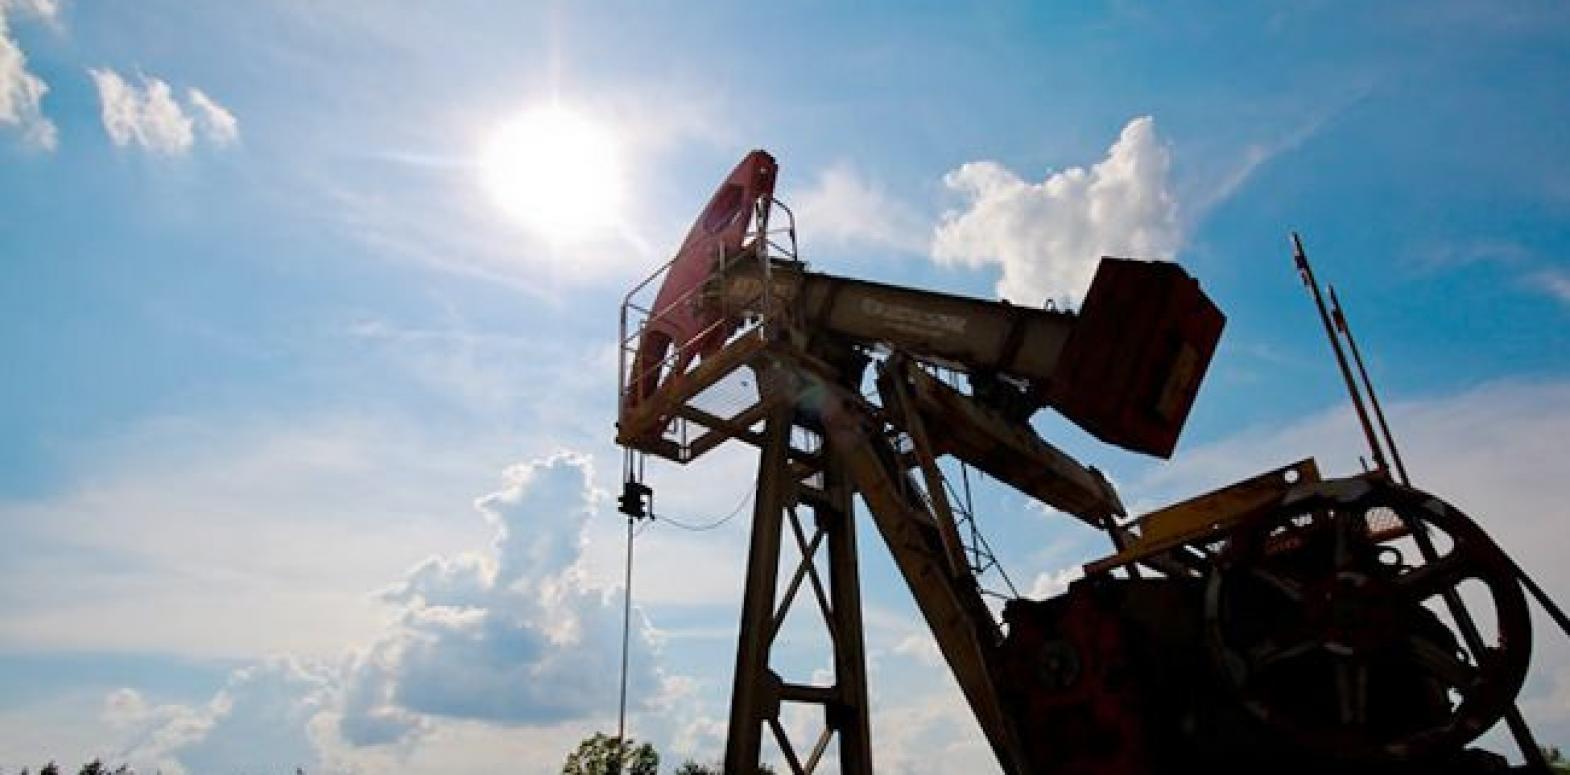 Нефть упала в цене ниже 22 долларов впервые за 17 лет